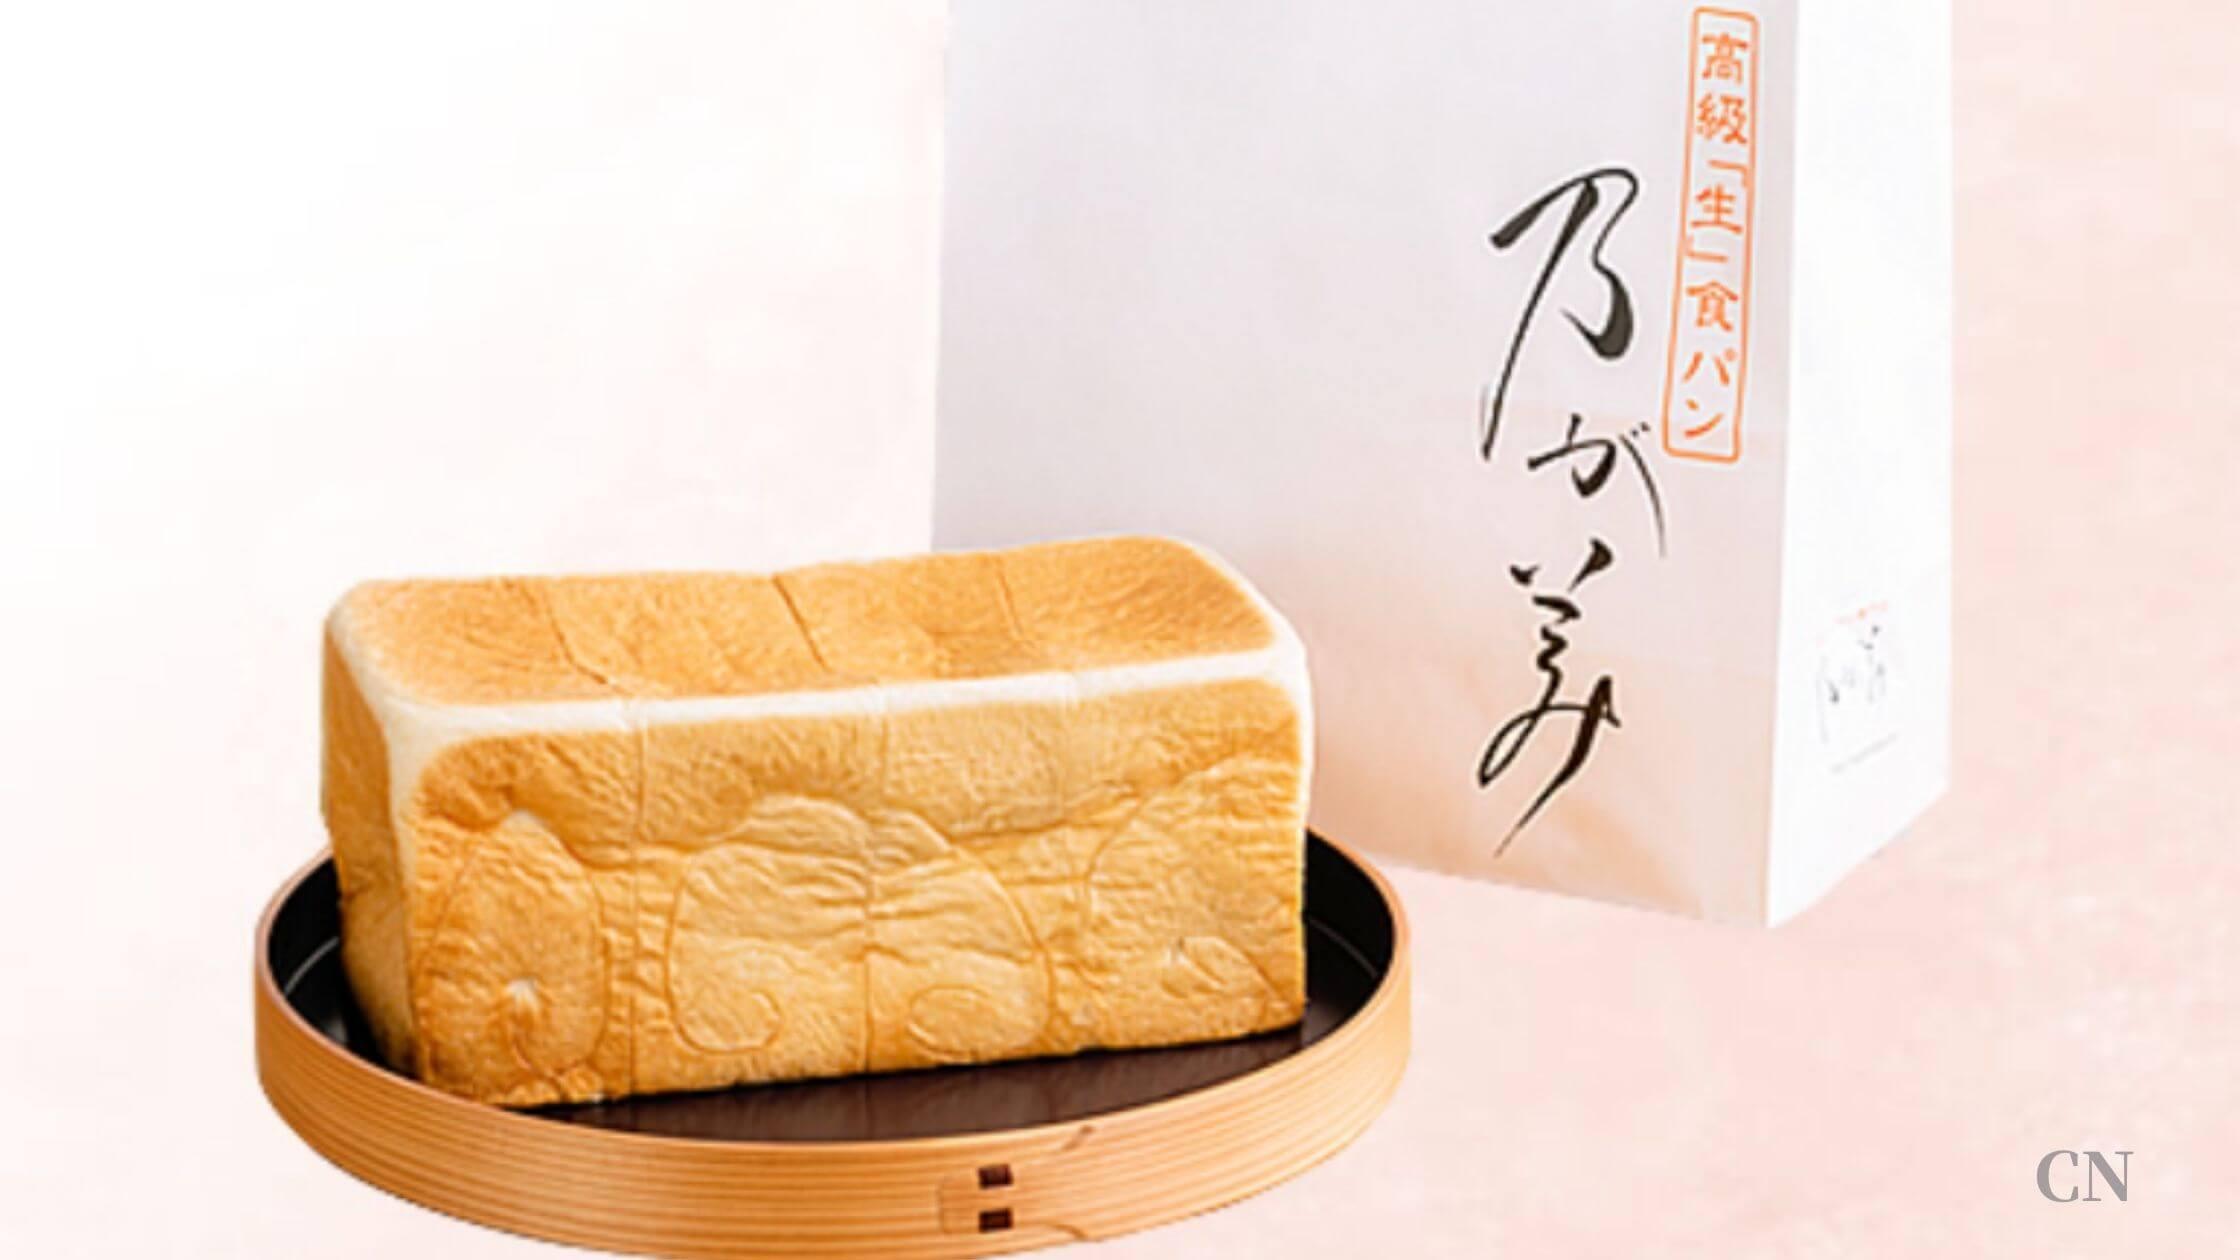 【口コミ】のがみの食パンはまずい?普通の食パンと何が違う?